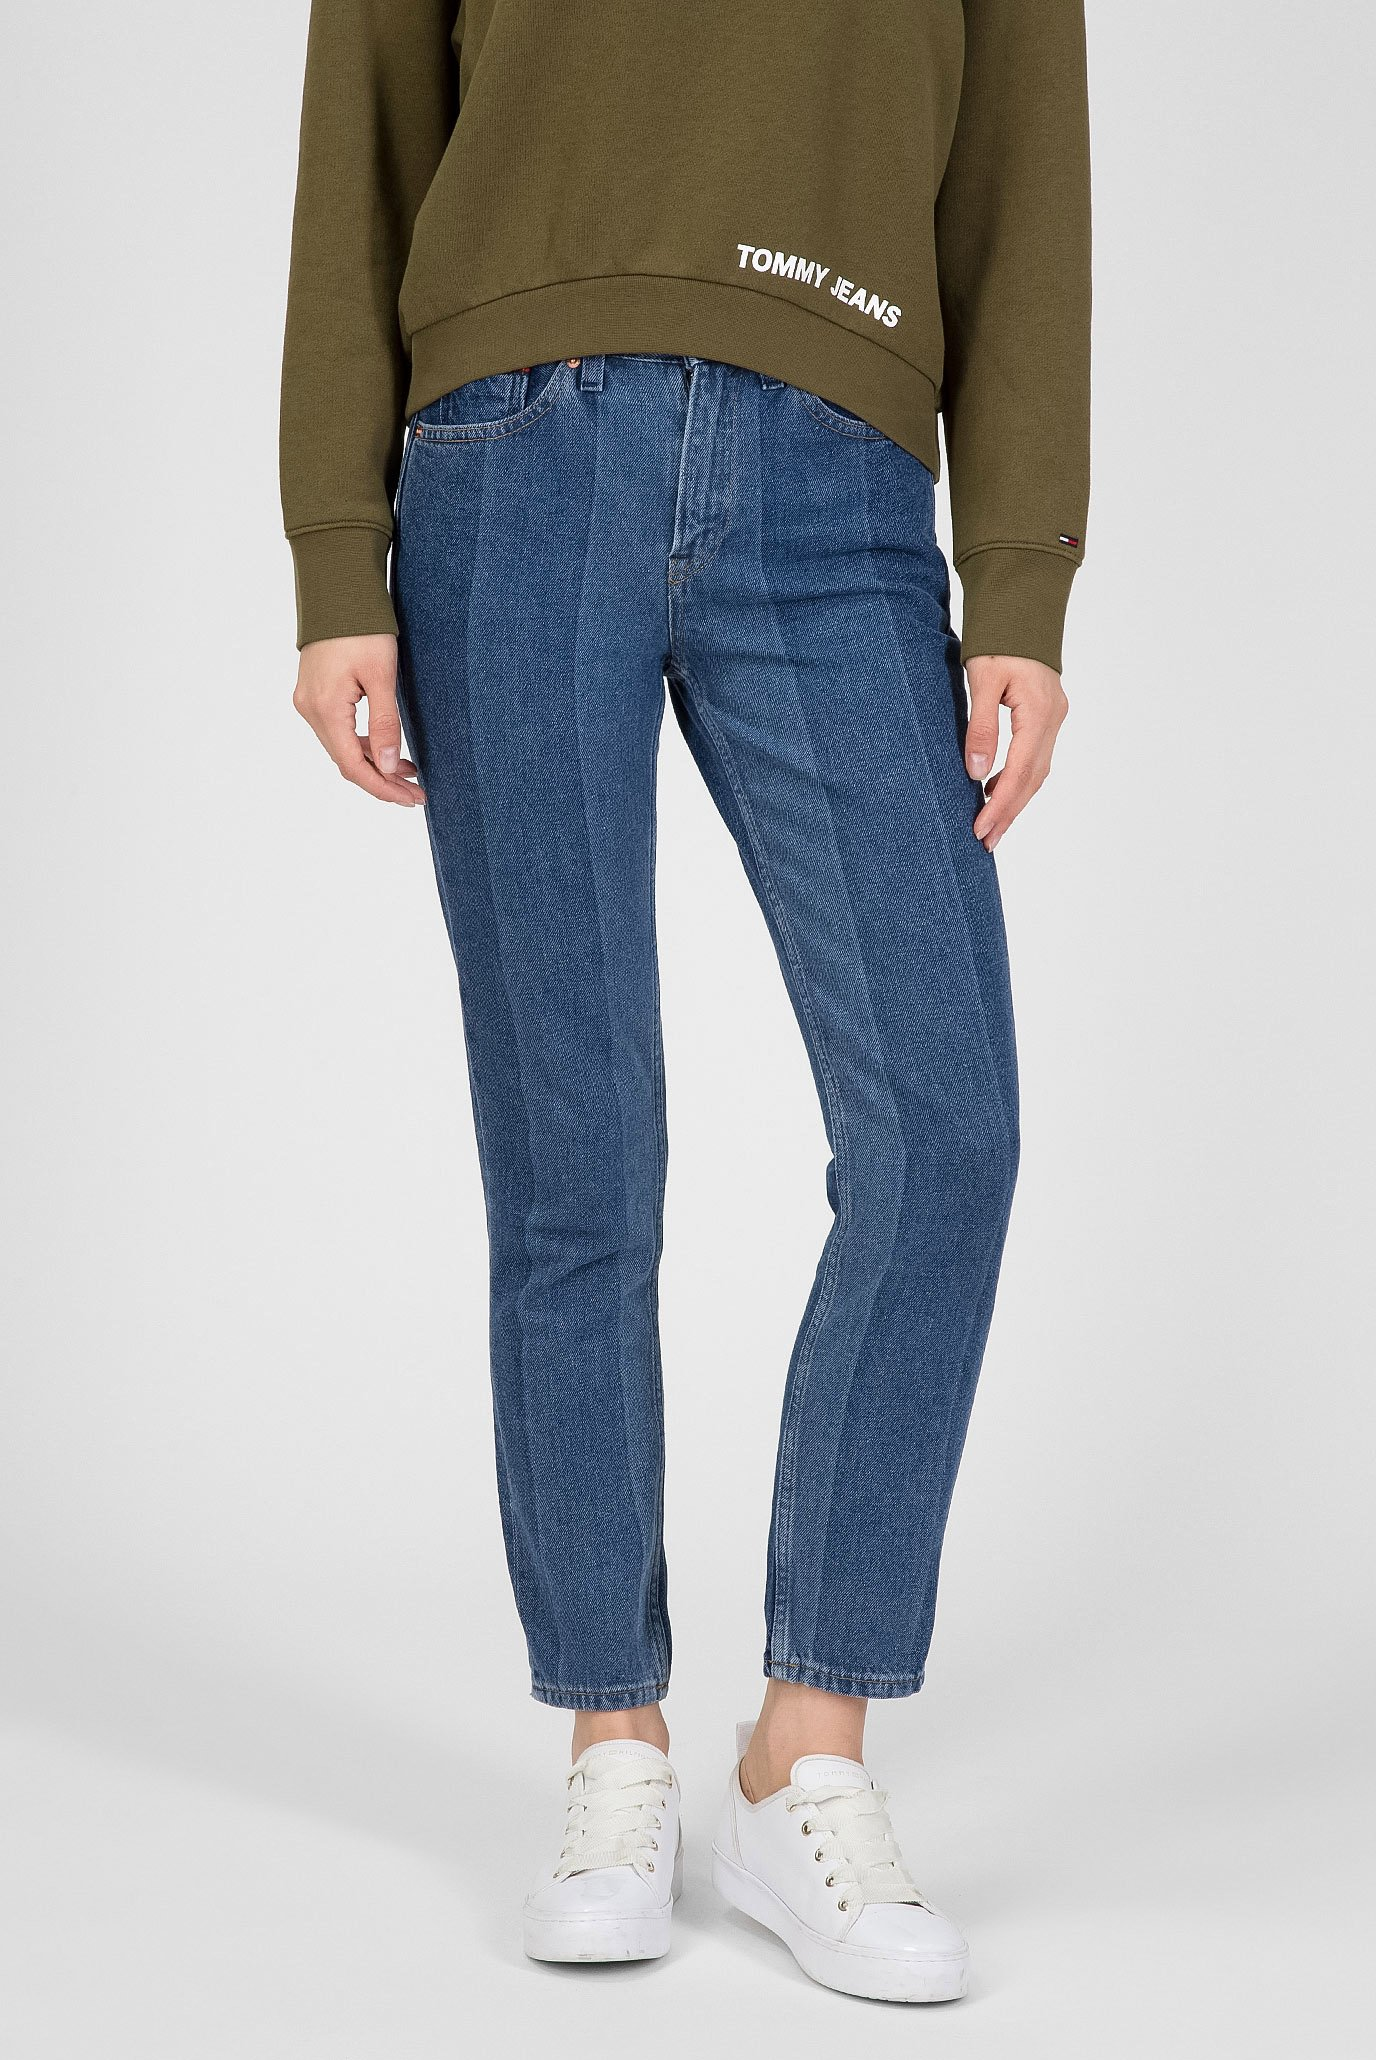 Купить Женские синие джинсы High Rise Slim Cropped IZZY Tommy Hilfiger Tommy Hilfiger DW0DW05036 – Киев, Украина. Цены в интернет магазине MD Fashion